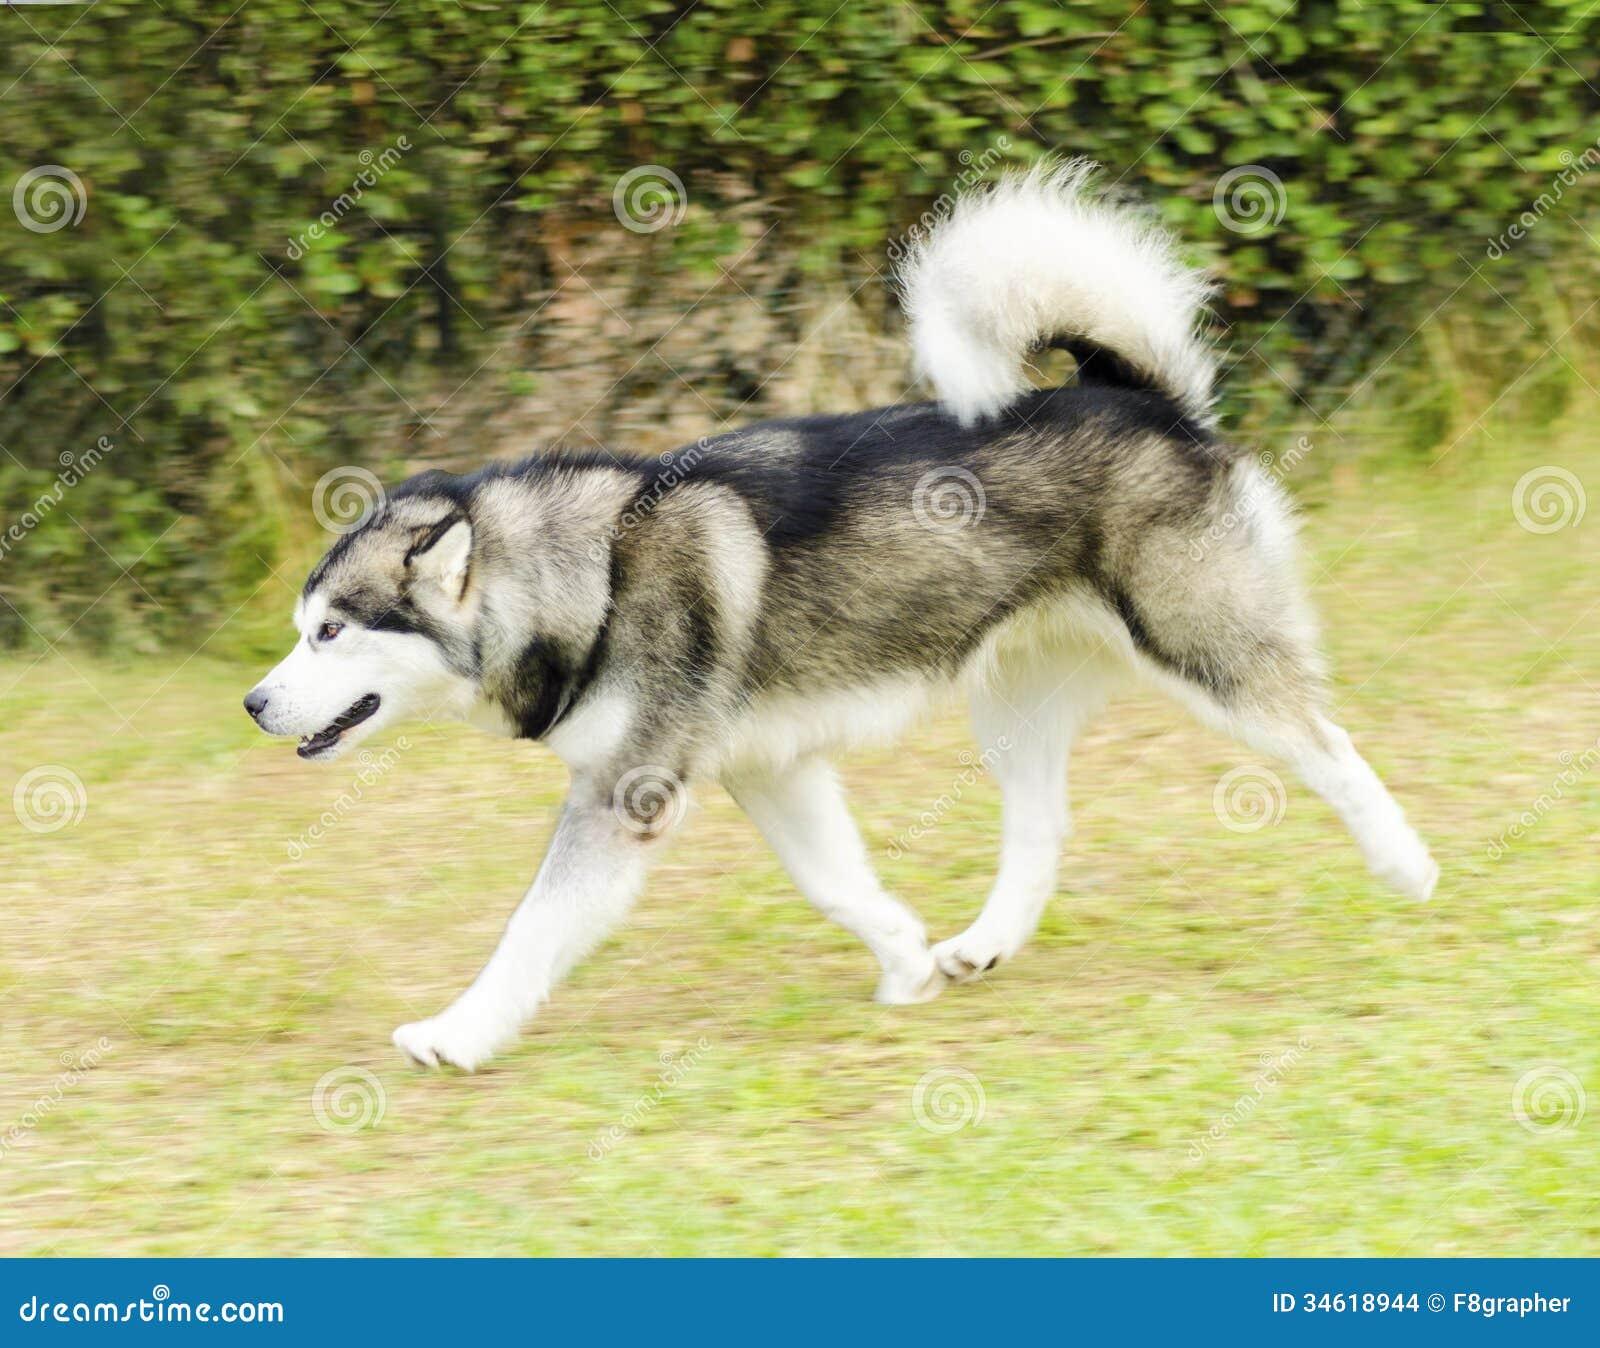 Alaskan Malamute Stock Images - Image: 34618944